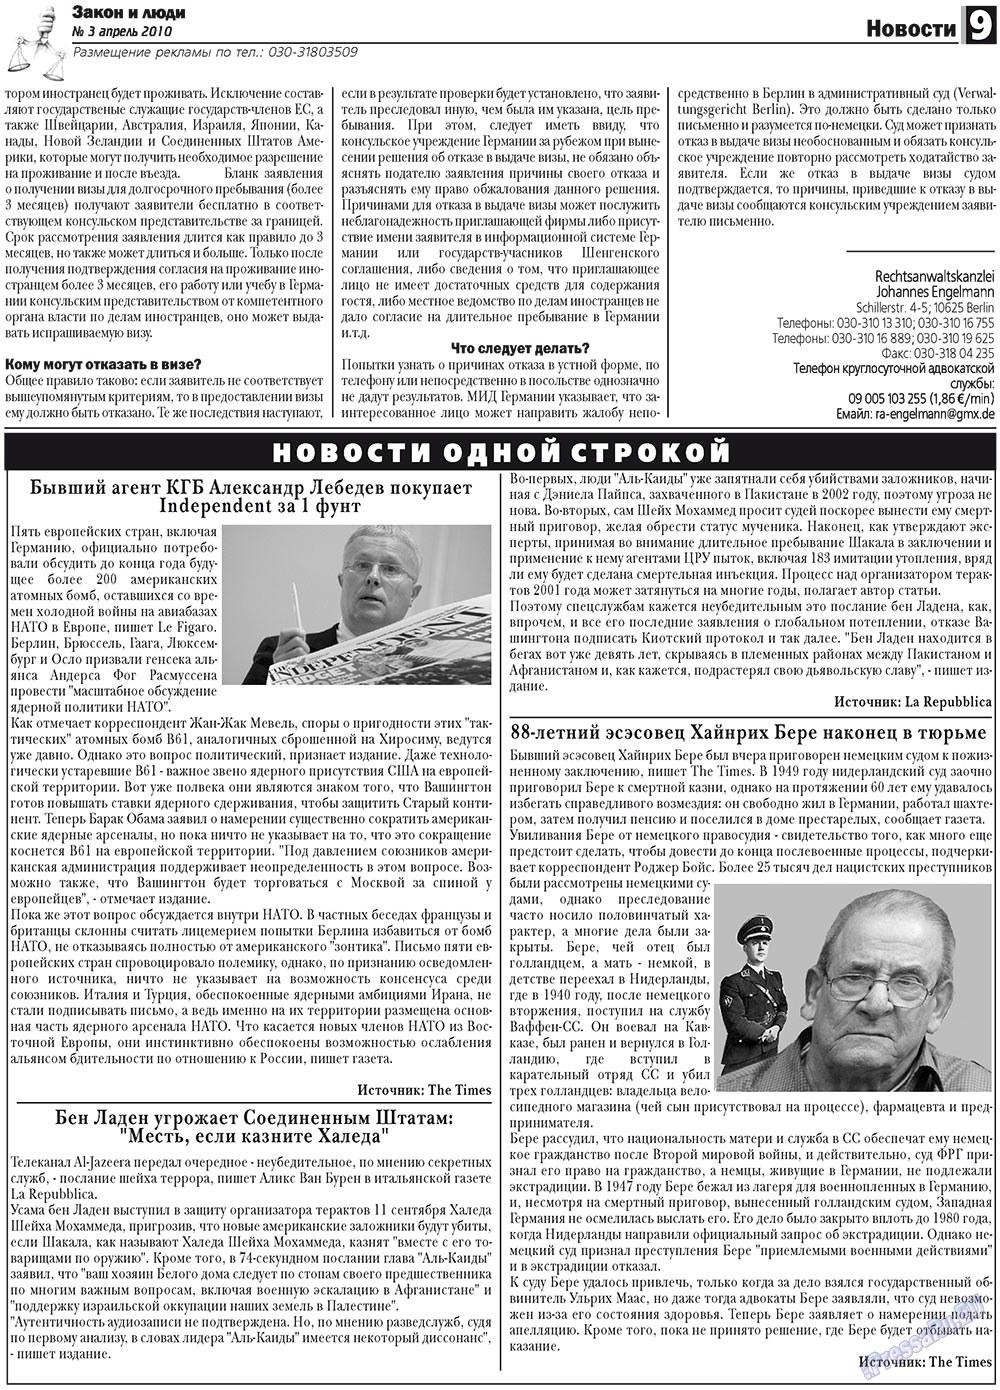 Закон и люди (газета). 2010 год, номер 3, стр. 9